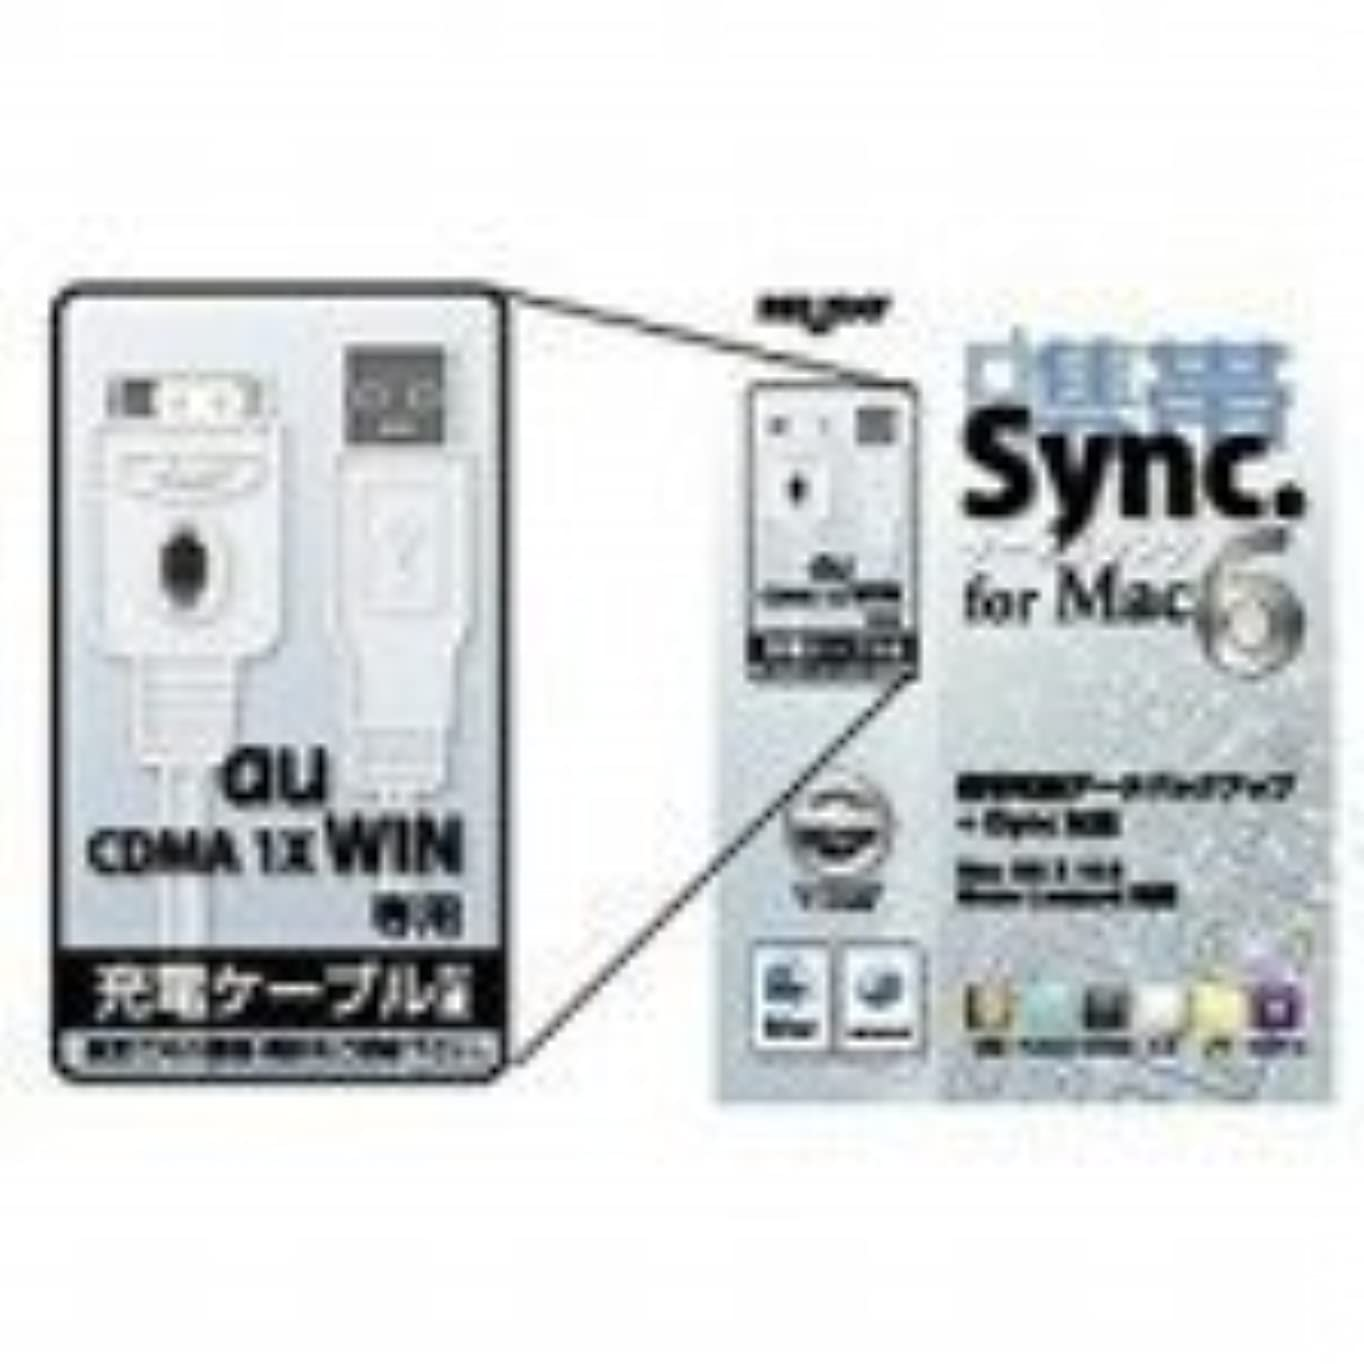 トーン地理妨げる携帯シンク for Mac 6 au WIN充電ケーブルセット